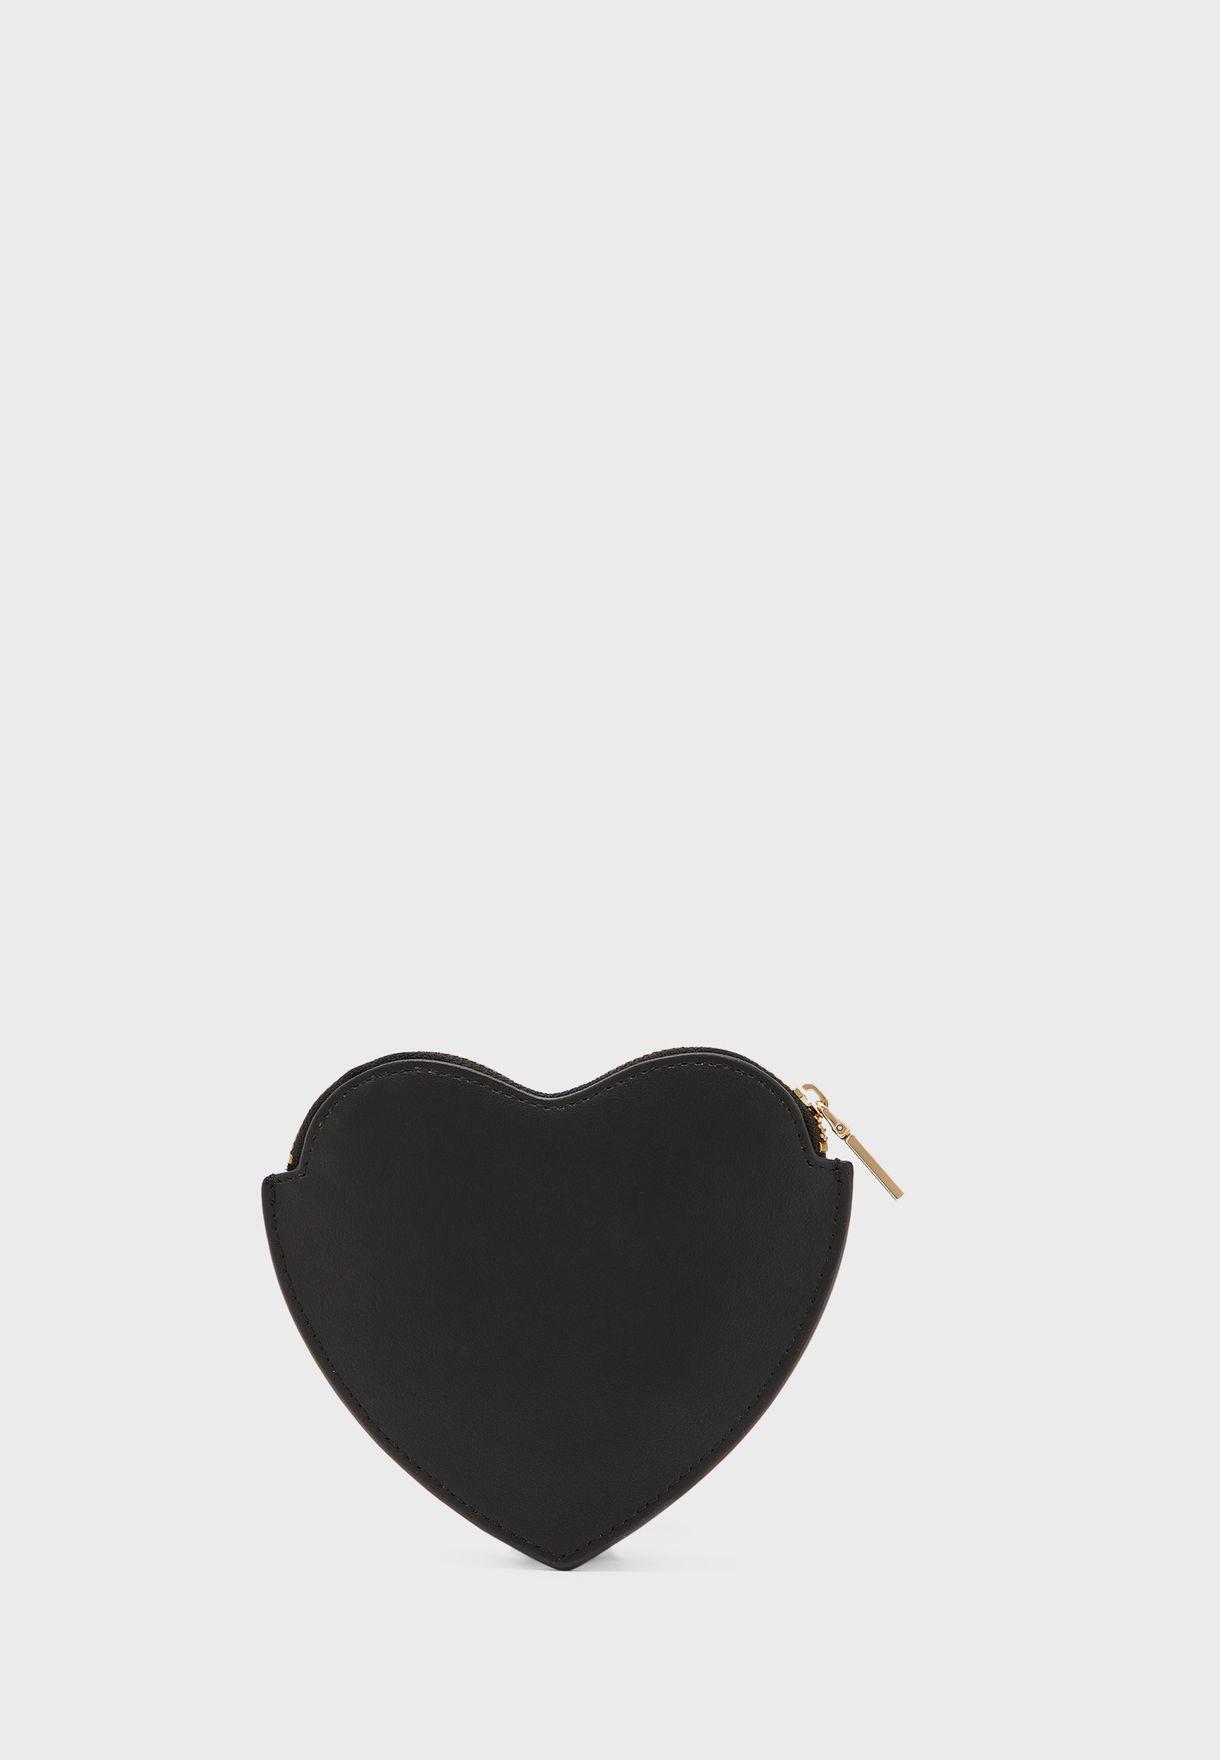 محفظة قلب بجيب داخلي